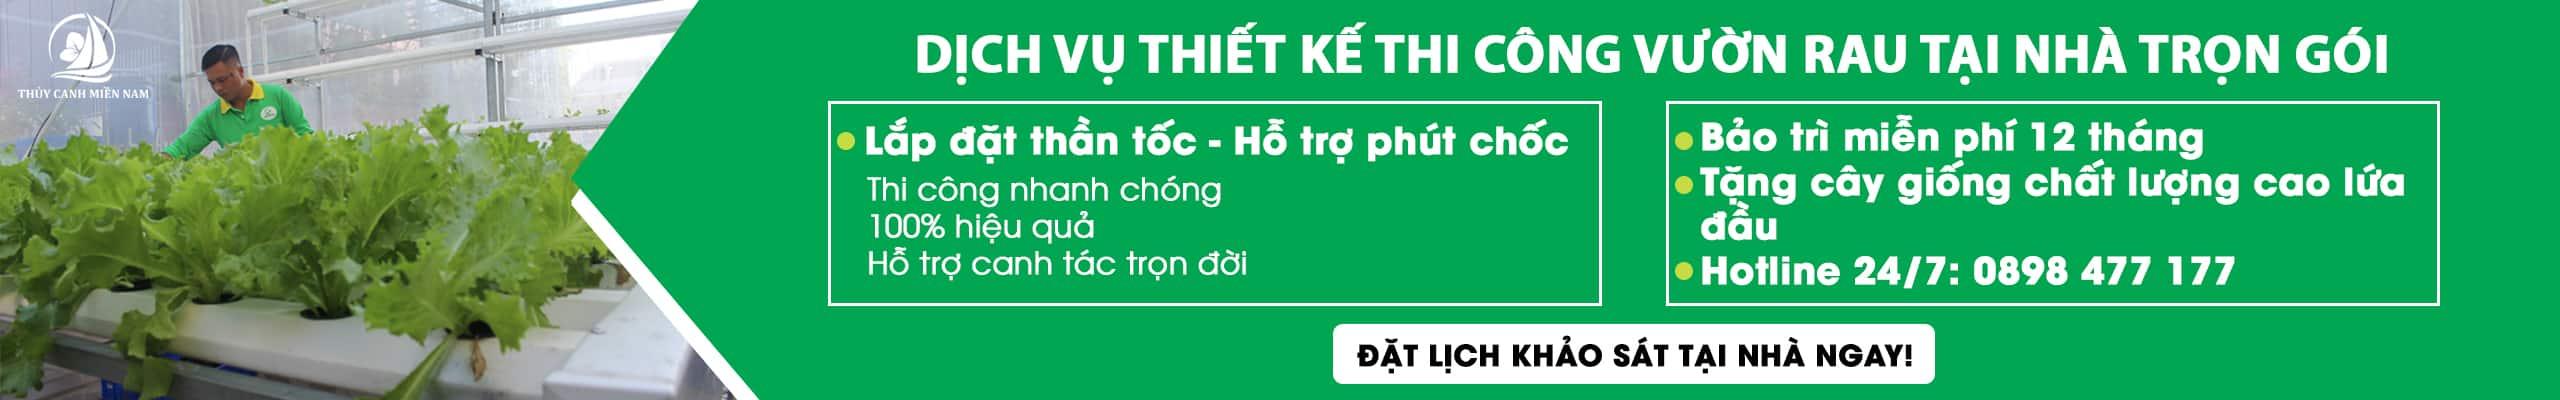 dich-vu-thiet-ke-thi-cong-vuon-rau-tron-goi-uy-tin-chat-luong